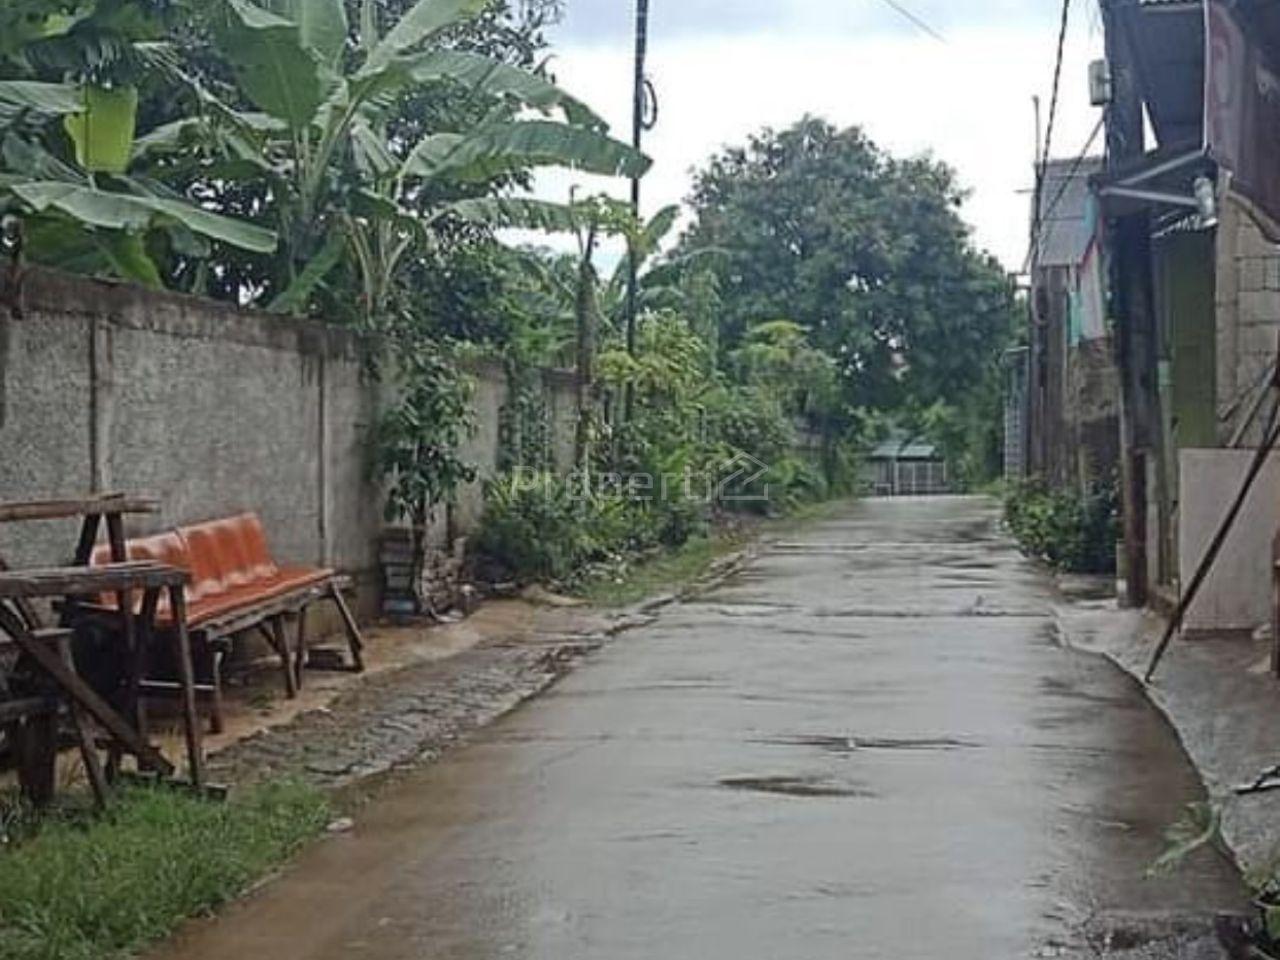 Residential Land at Jatiraden, Bekasi City, Kota Bekasi